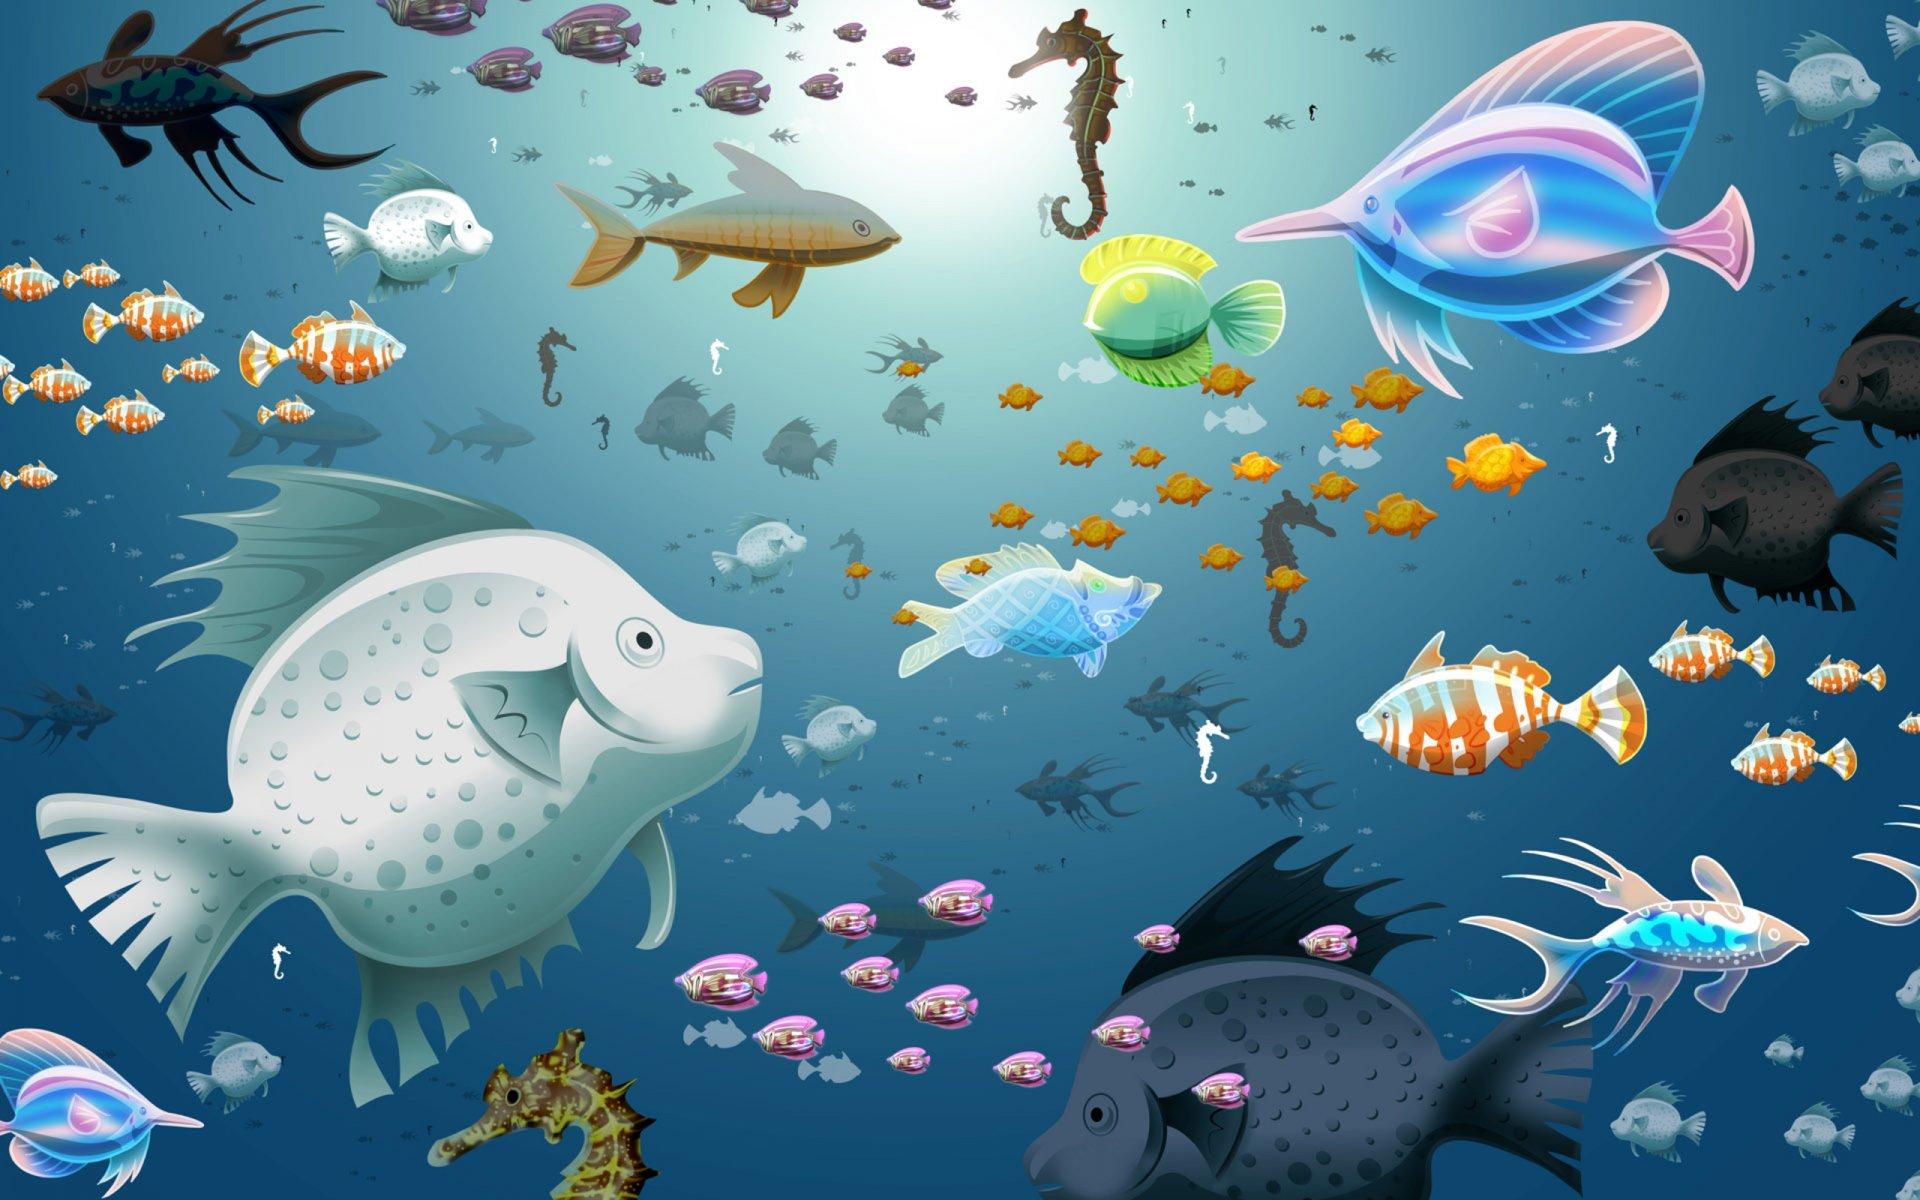 Juegos de tomar fotos a peces gratis 36